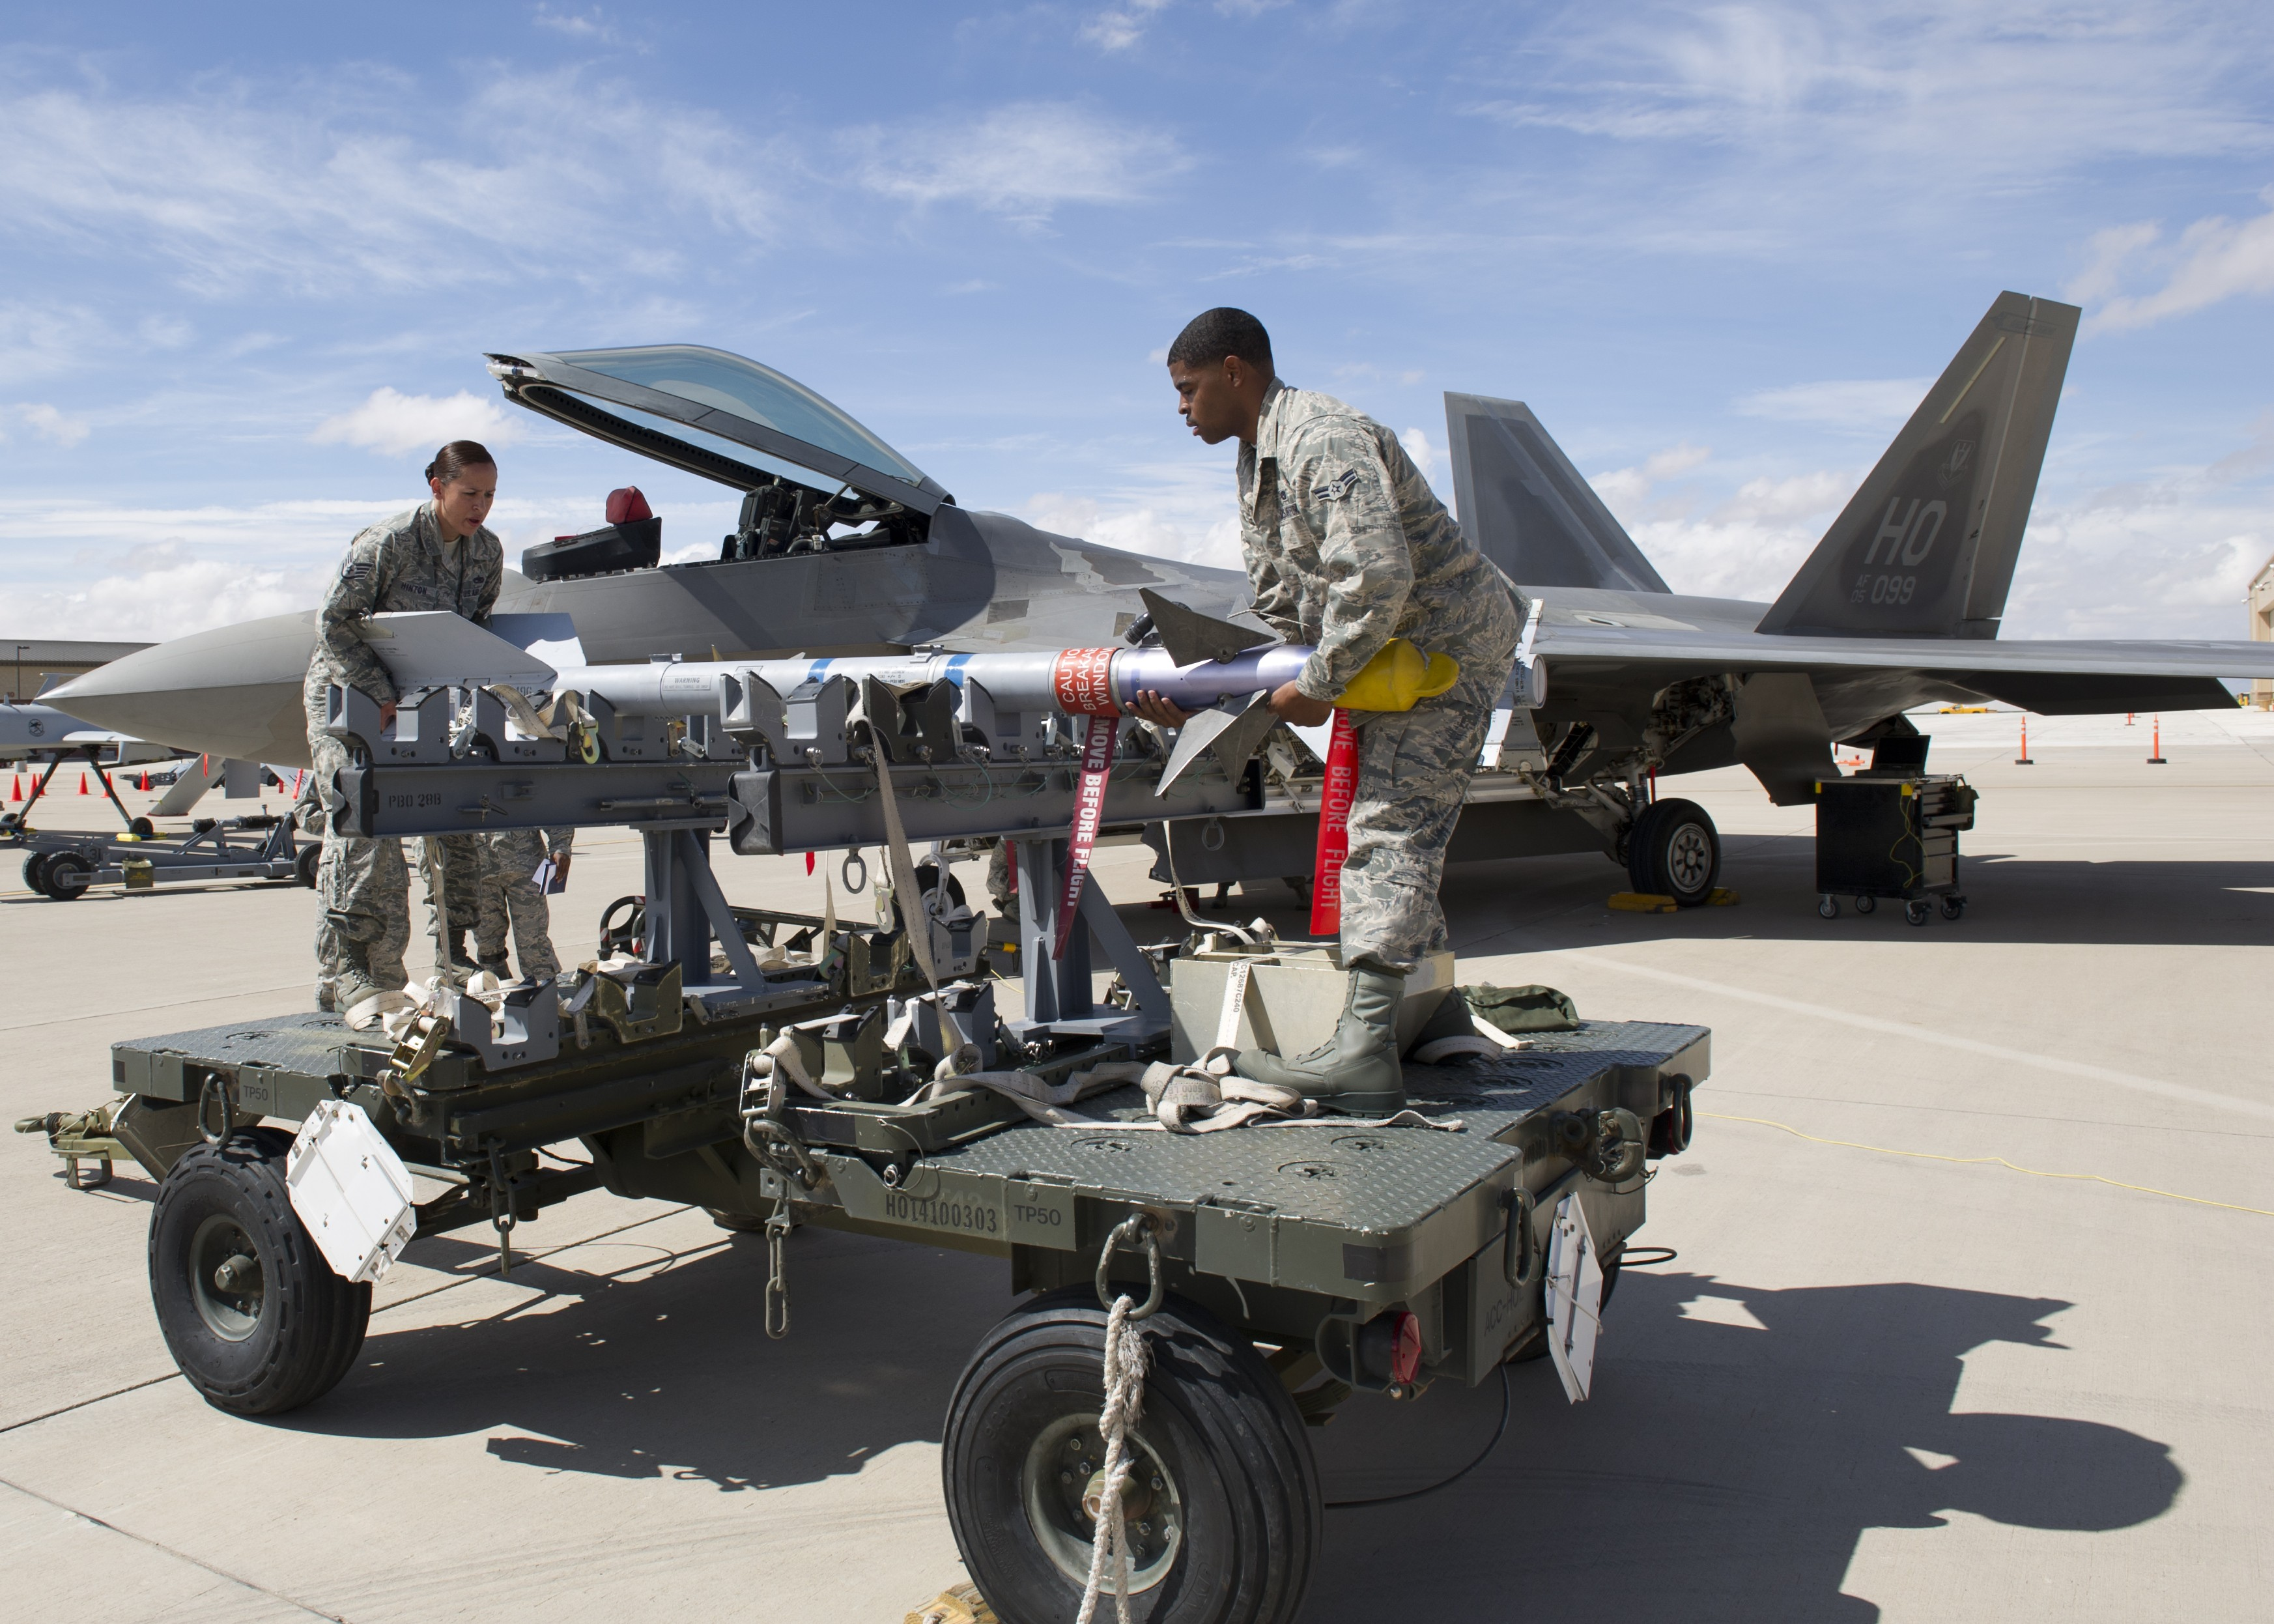 Операторы Babyk похитили более 700 ГБ у военного поставщика США